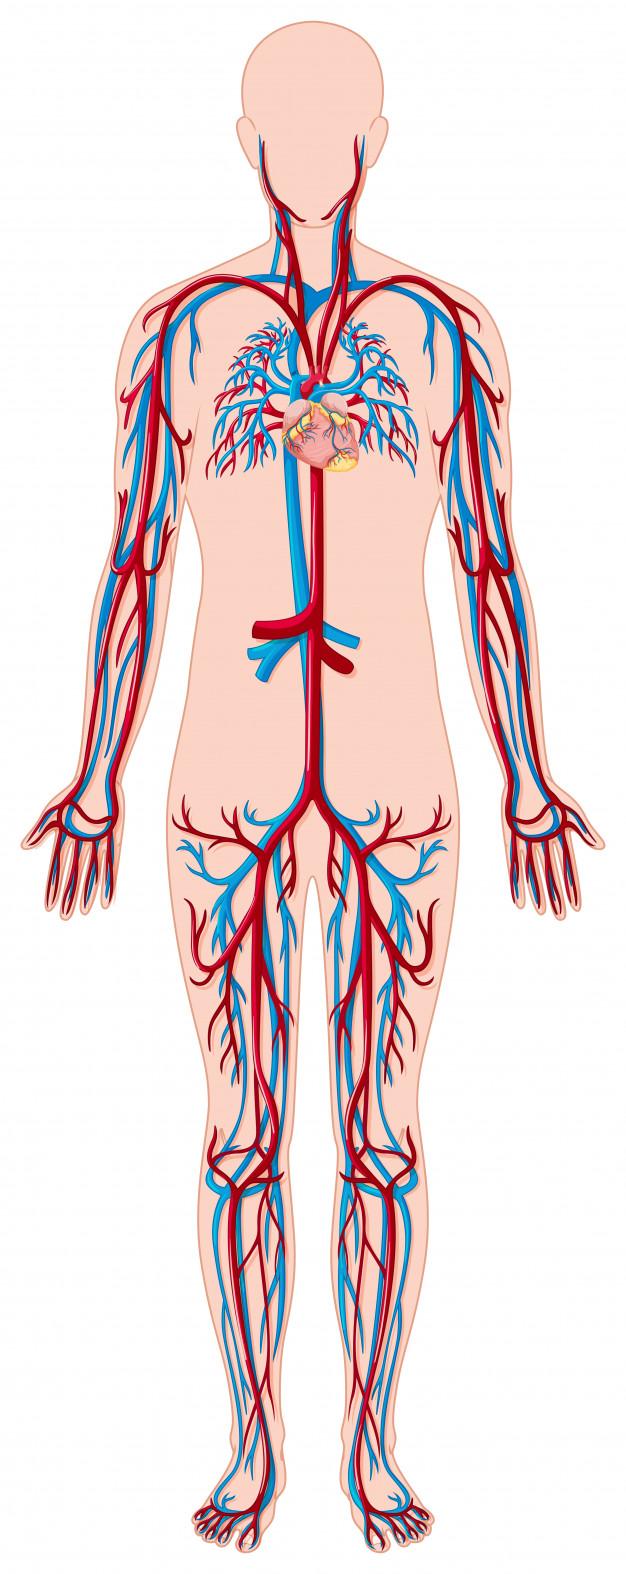 Что такое сосуды | сосуды - причины, симптомы, диагностика, лечение, профилактика